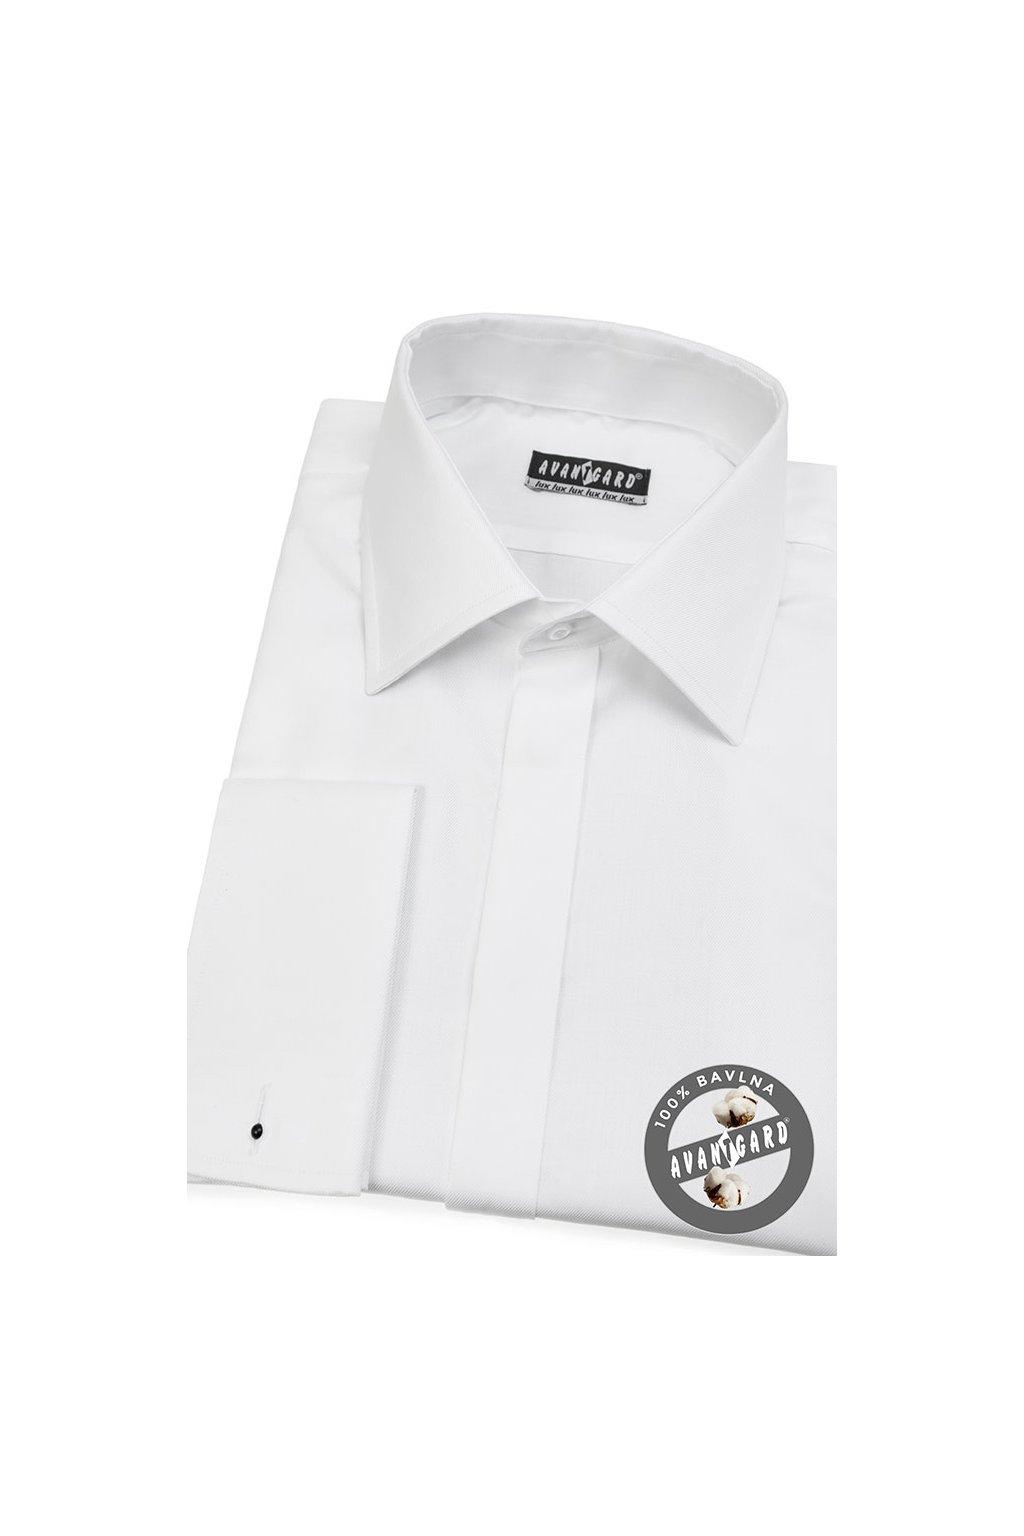 Pánská košile LUX s dvojitými manžetami na manžetové knoflíčky bílá 517 - 97